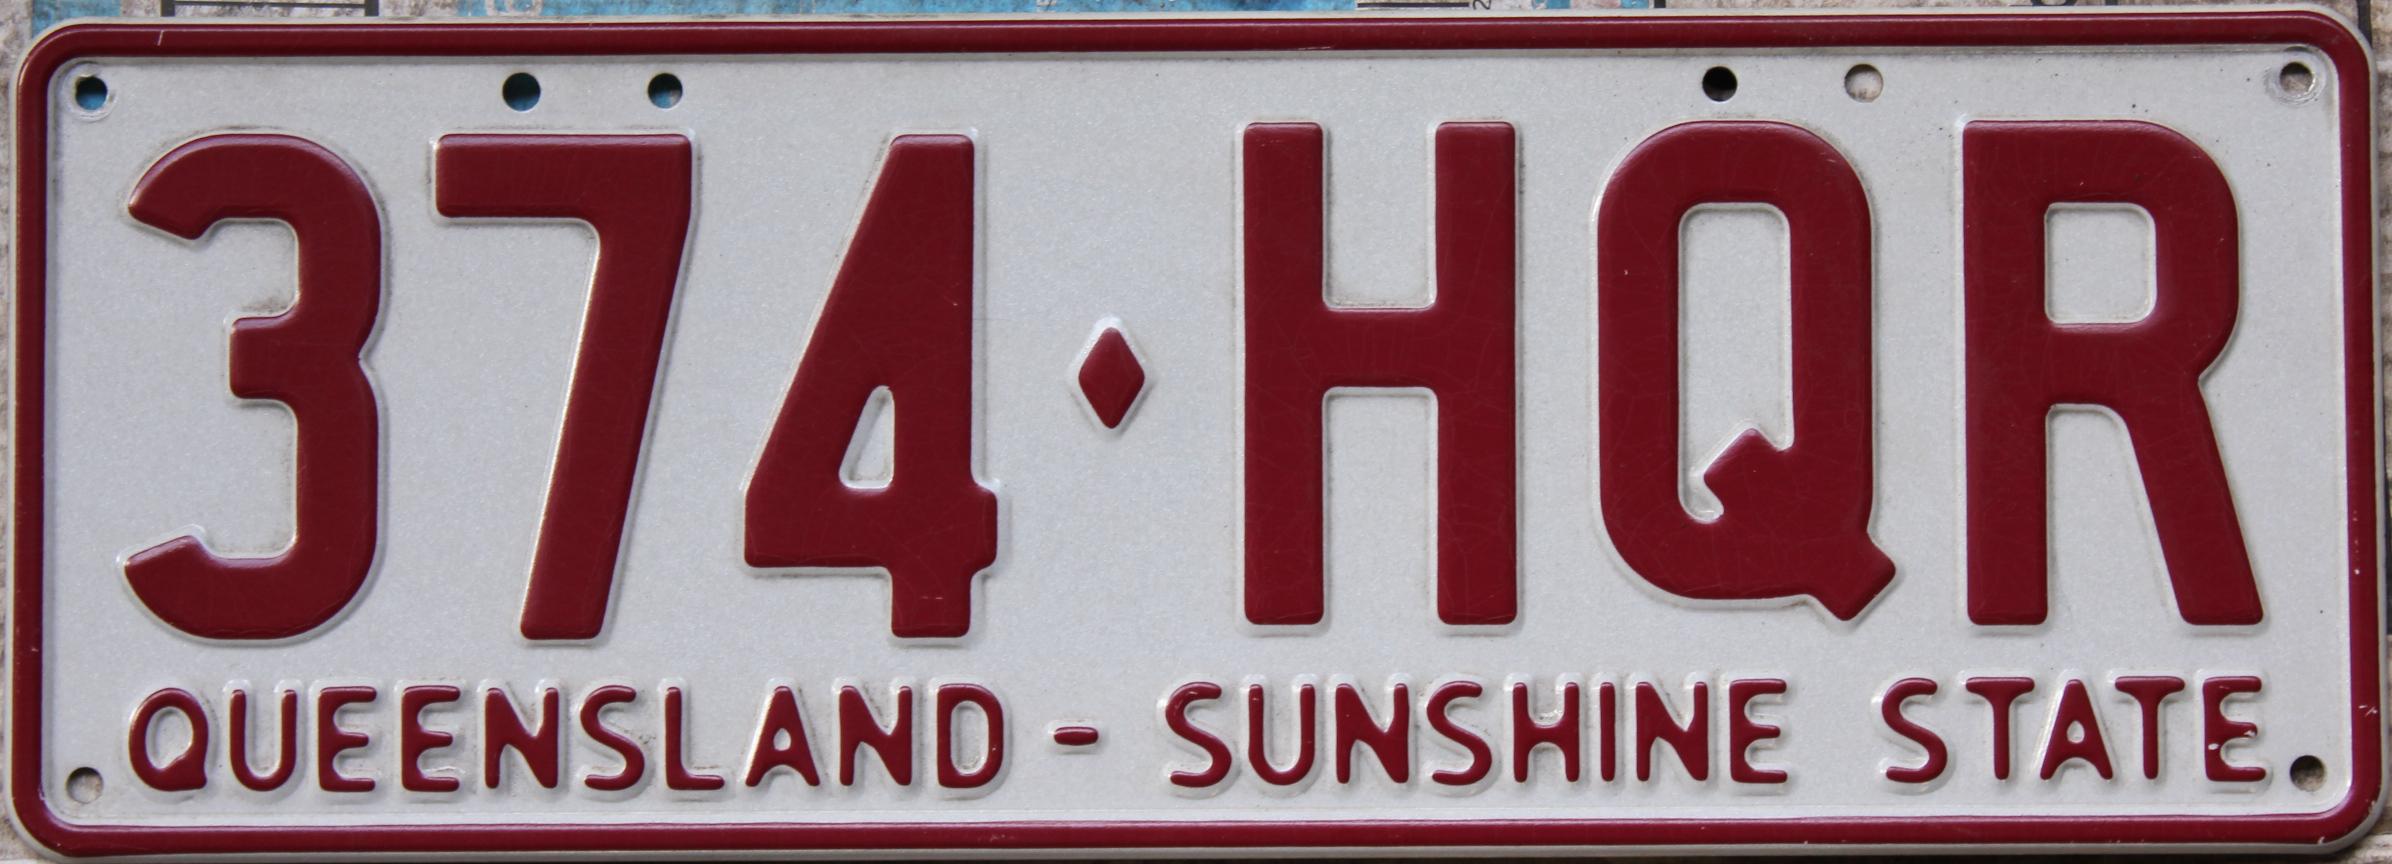 File:2002 Queensland registration plate 374♢HQR Sunshine State ...